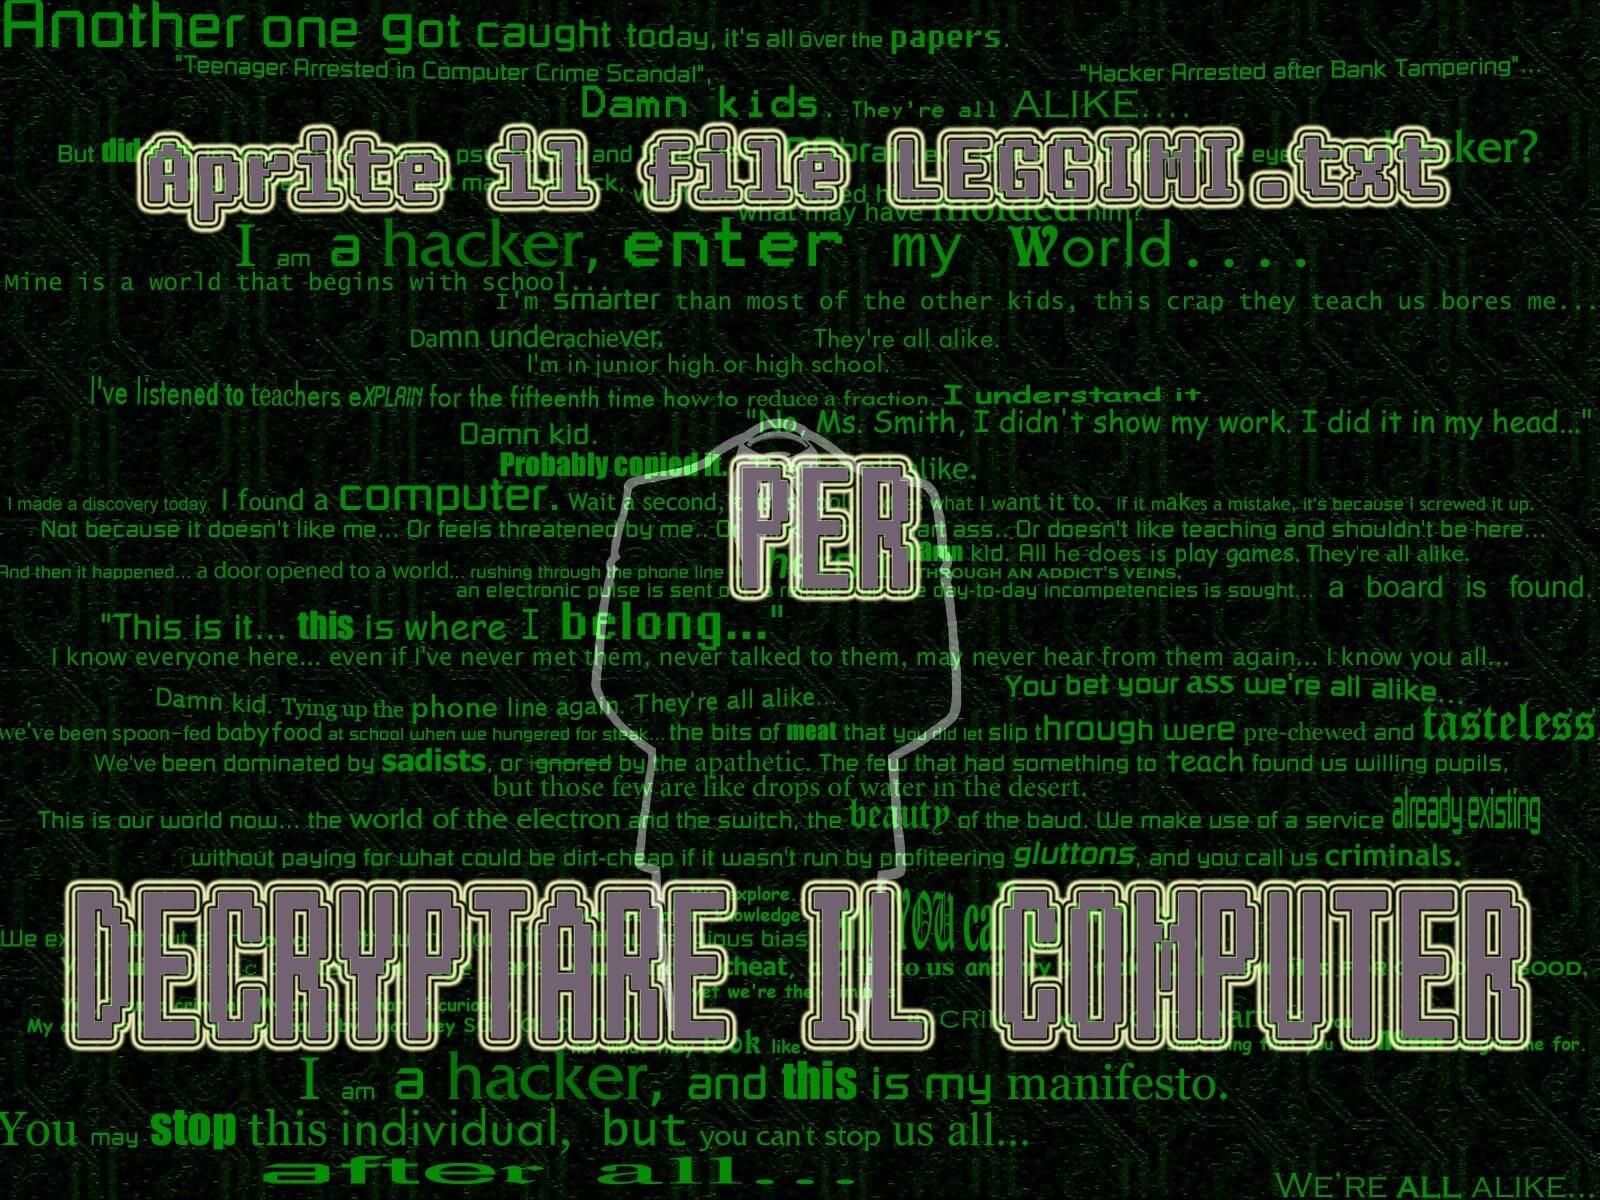 Crypt888 v4 ランサムウェア スクリーンショット